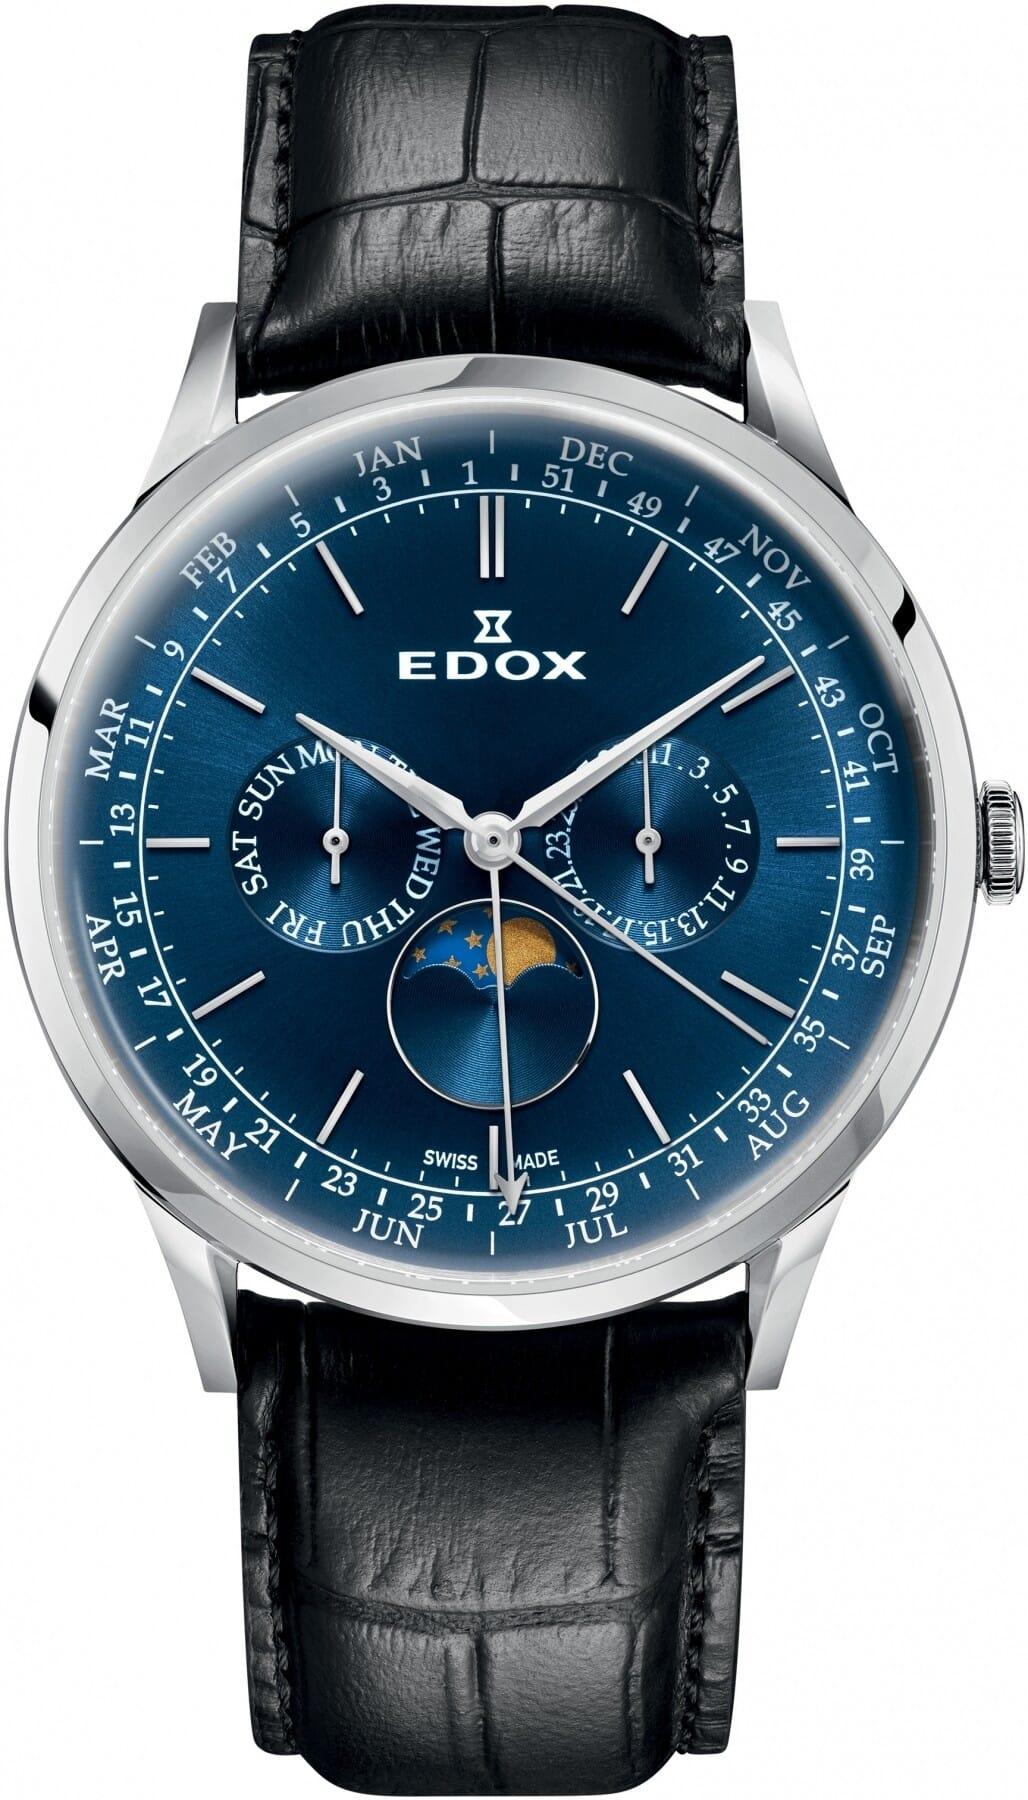 Edox 40101 3C BUIN